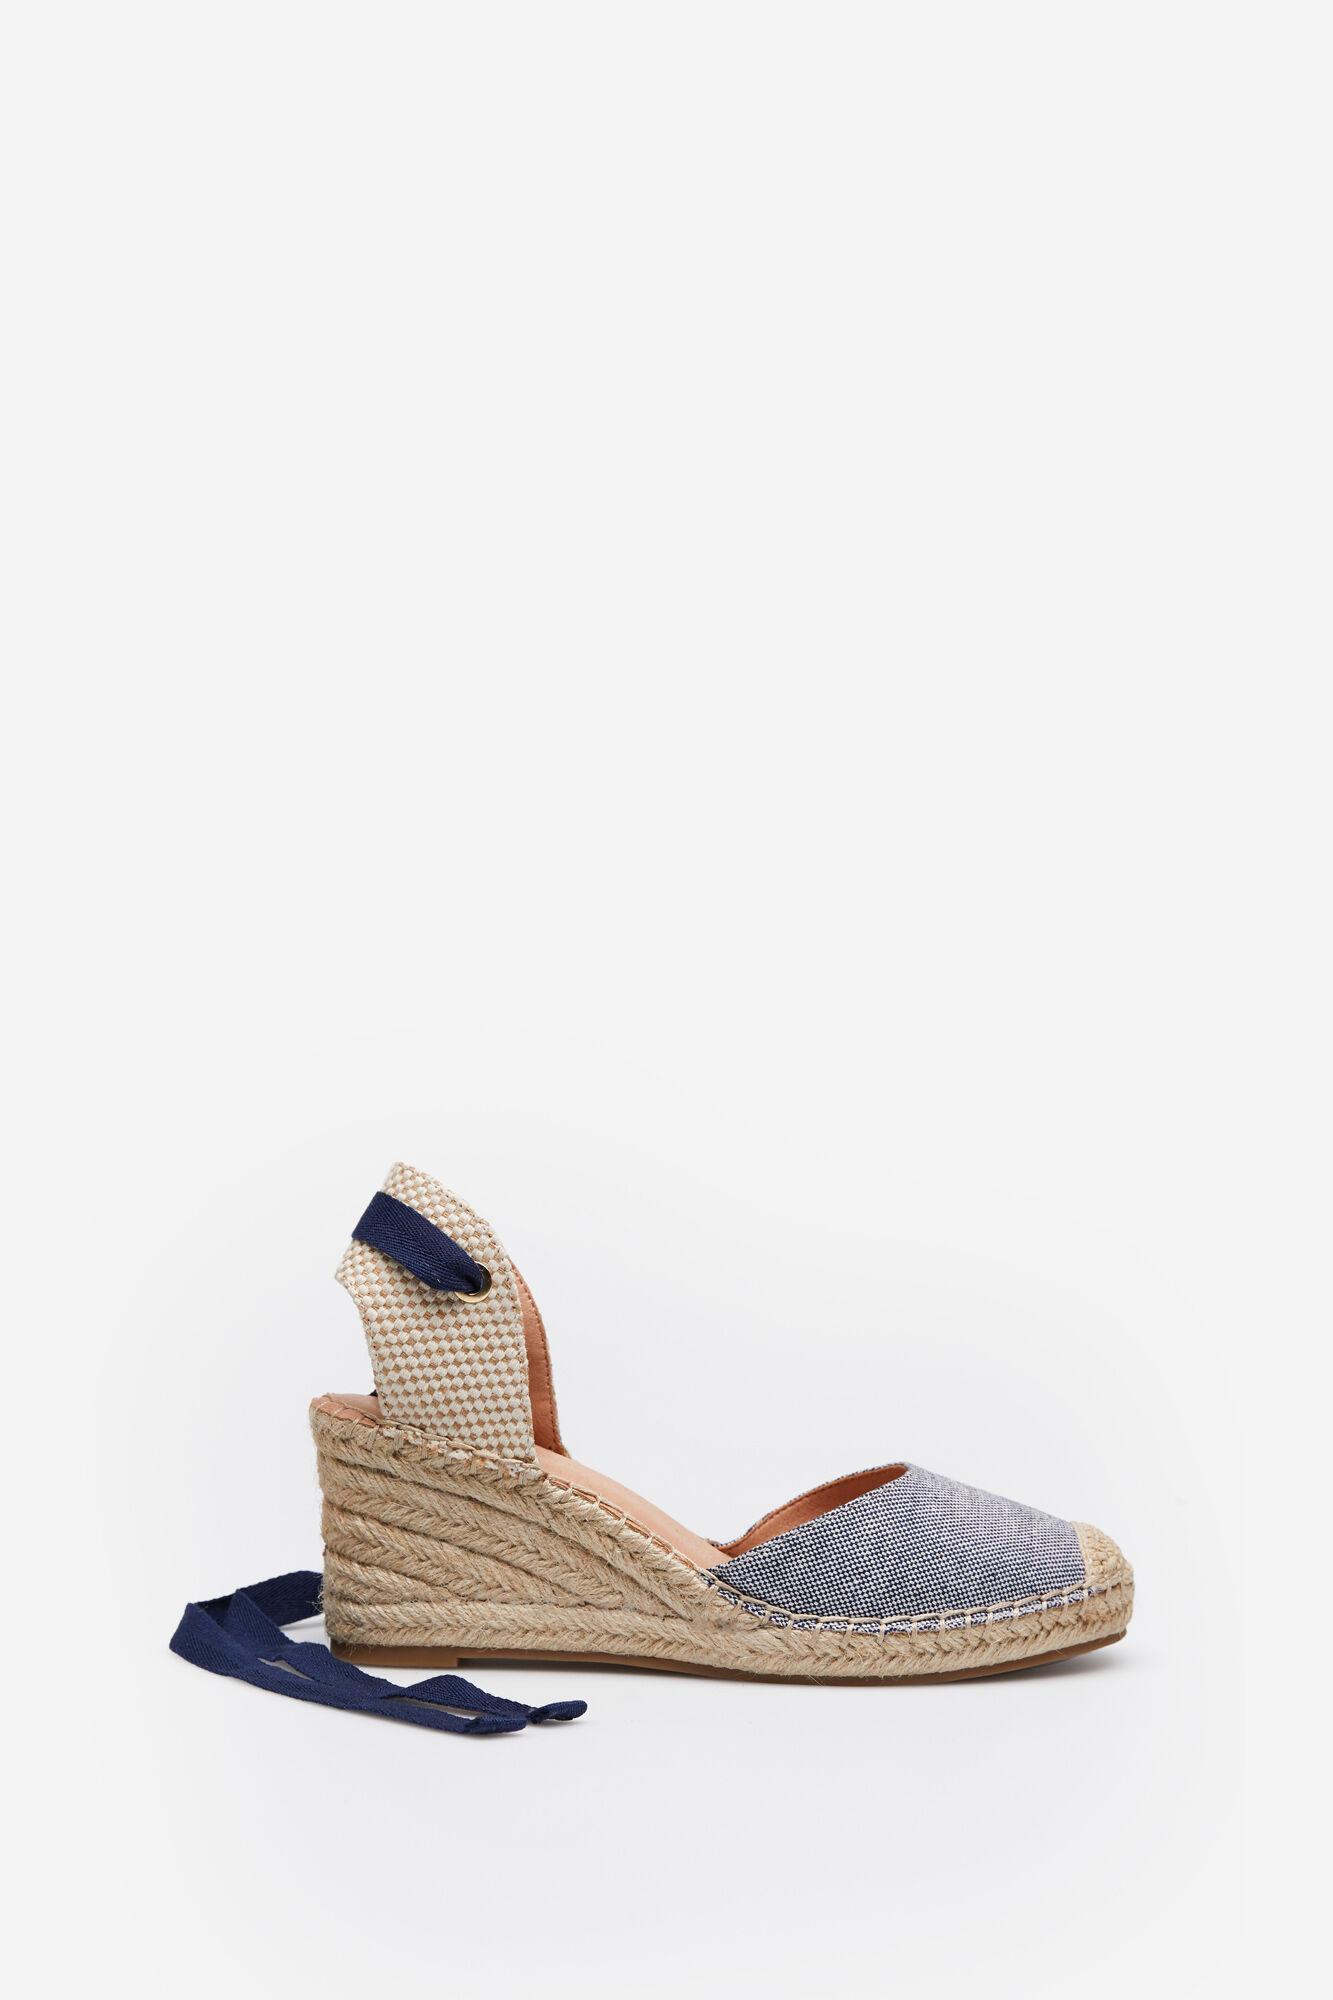 Zapatos Mujer Springfield Zapatos De De Mujer w4H5qxS8S